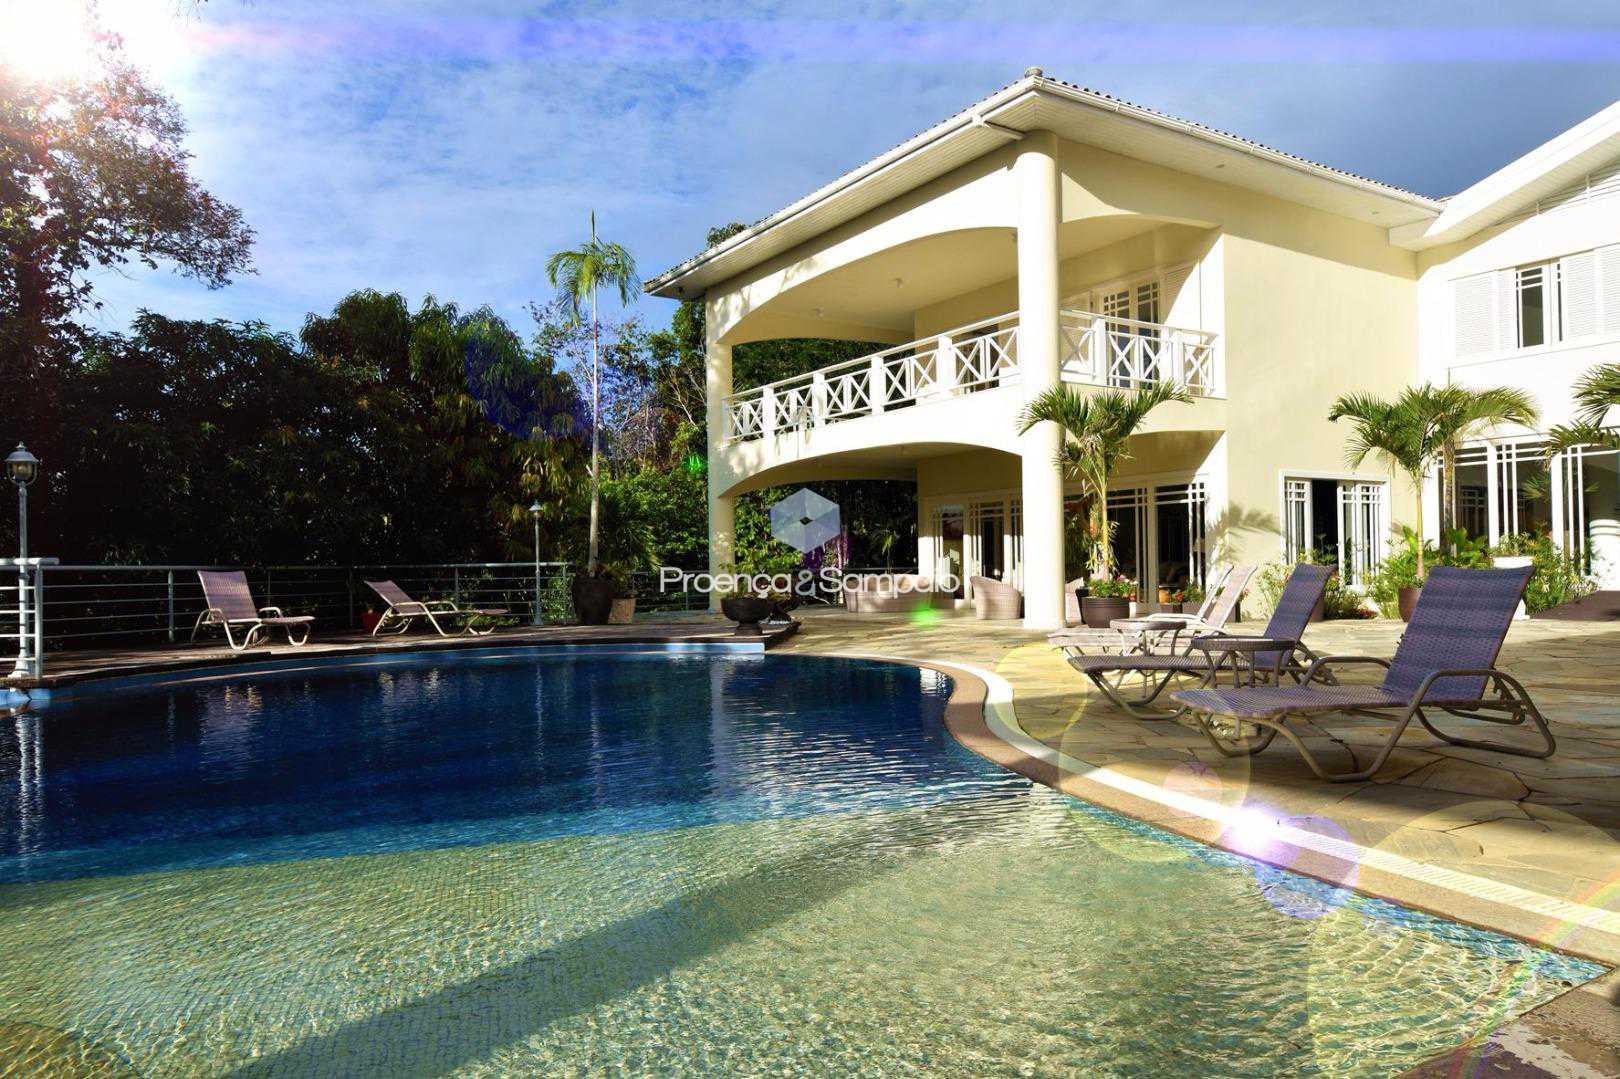 FOTO0 - Casa em Condomínio 5 quartos à venda Lauro de Freitas,BA - R$ 6.000.000 - PSCN50015 - 1